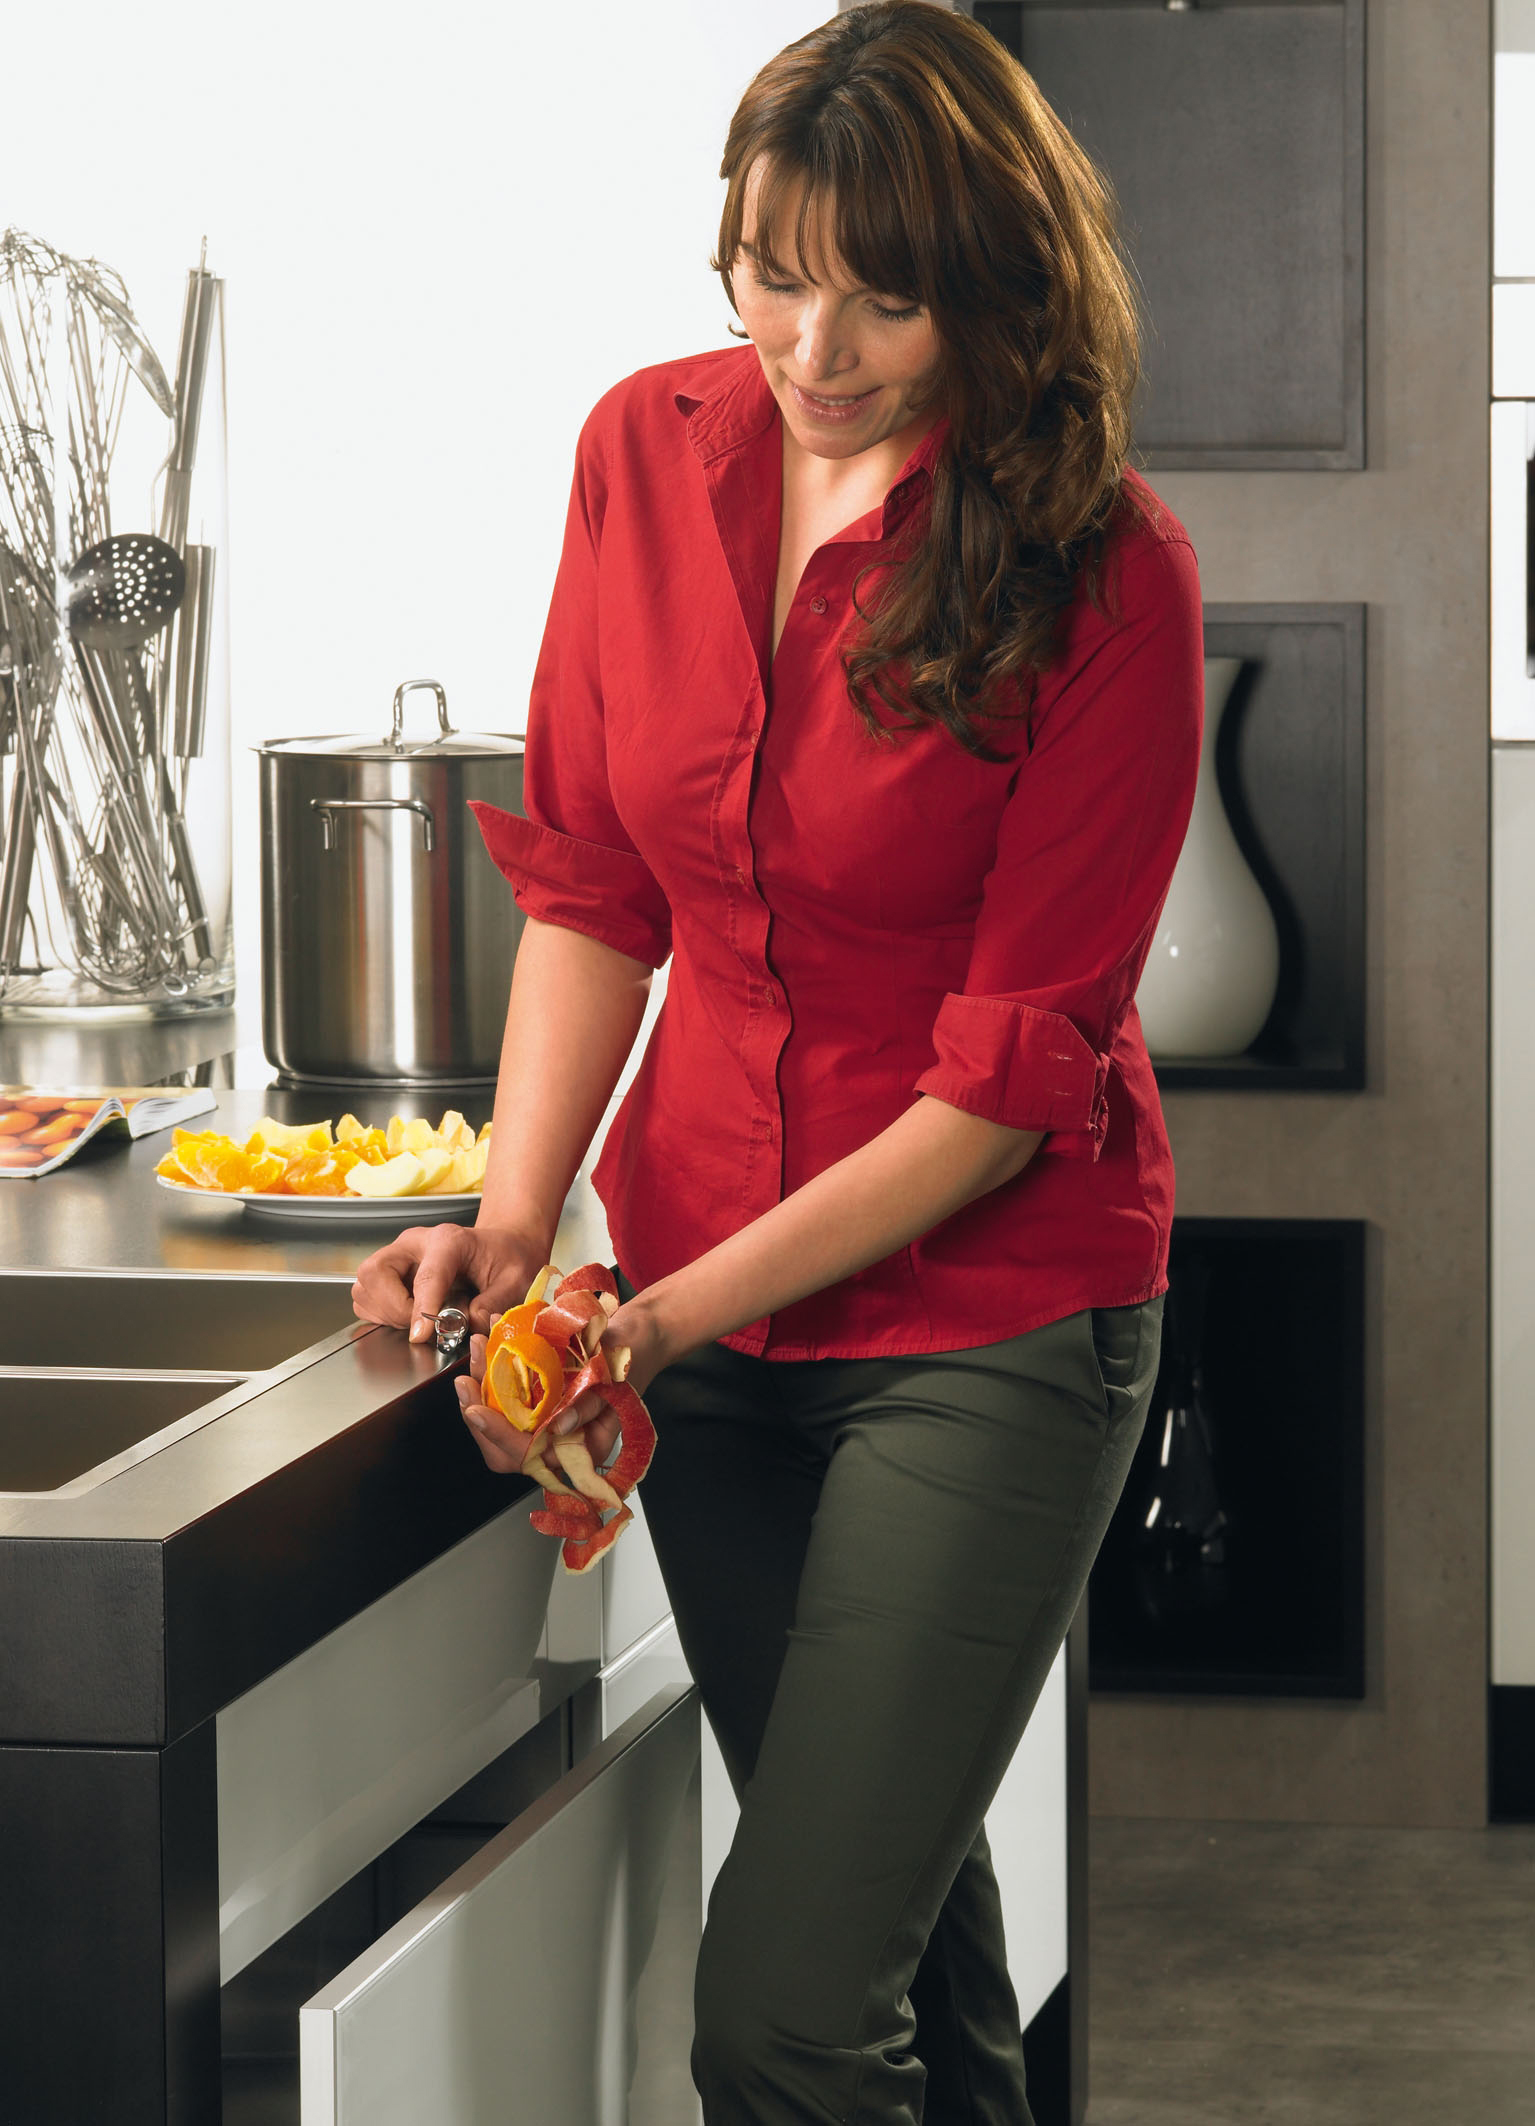 Podczas prac kuchennych, kiedy mamy brudne i zajęte ręce, wystarczy lekko nacisnąć front szuflady kolanem, a ta otworzy się umożliwiając nam sprawne wyrzucenie odpadków. Fot. Hettich